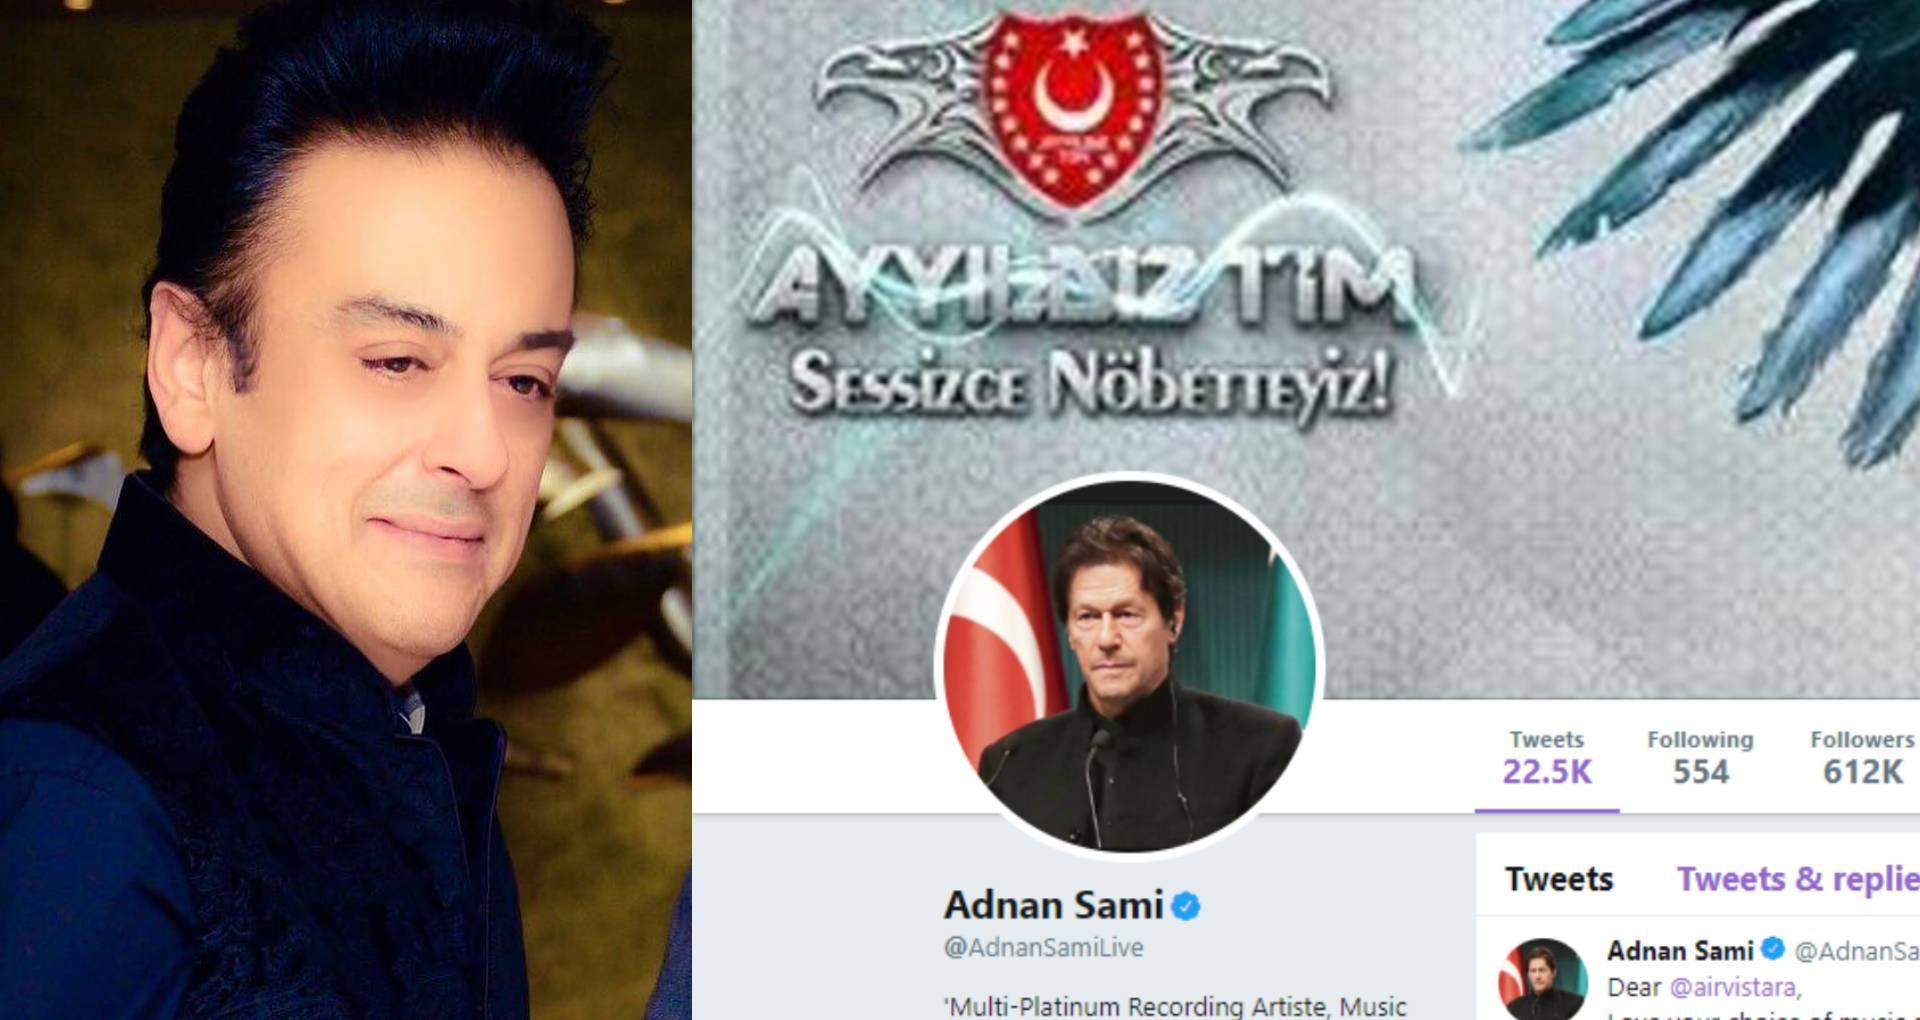 अमिताभ बच्चन के बाद सिंगर अदनान सामी का ट्विटर अकाउंट हैक, प्रो-पाकिस्तानी वीडियो शेयर कर हैकर्स ने दी ये धमकी